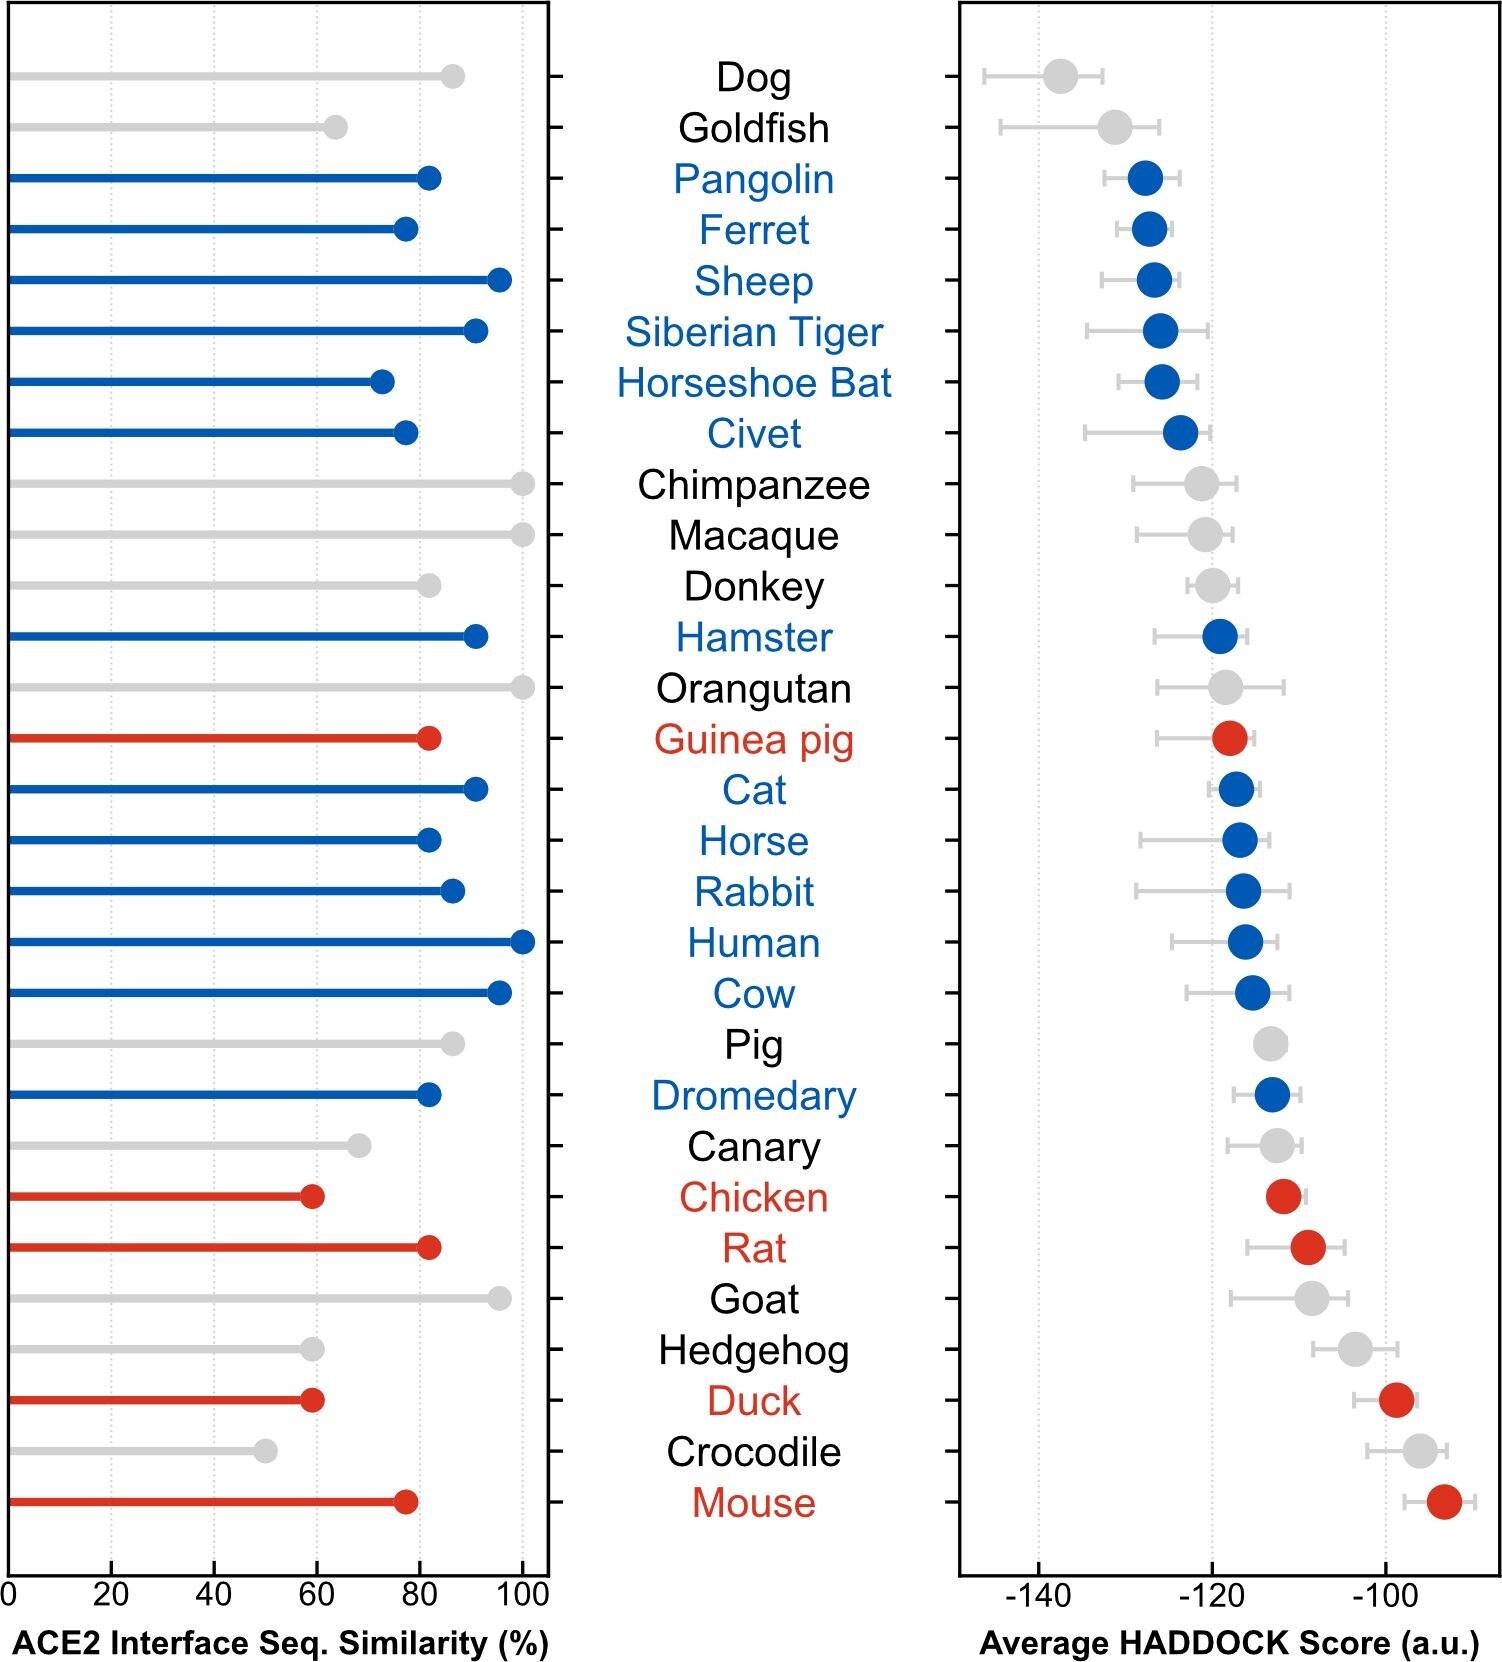 In blu le specie animali suscettibili al coronavirus; in rosso quelle immuni; in grigio quelle per cui non è stato possibile arrivare a un dato conclusivo / Plos Computational Biology